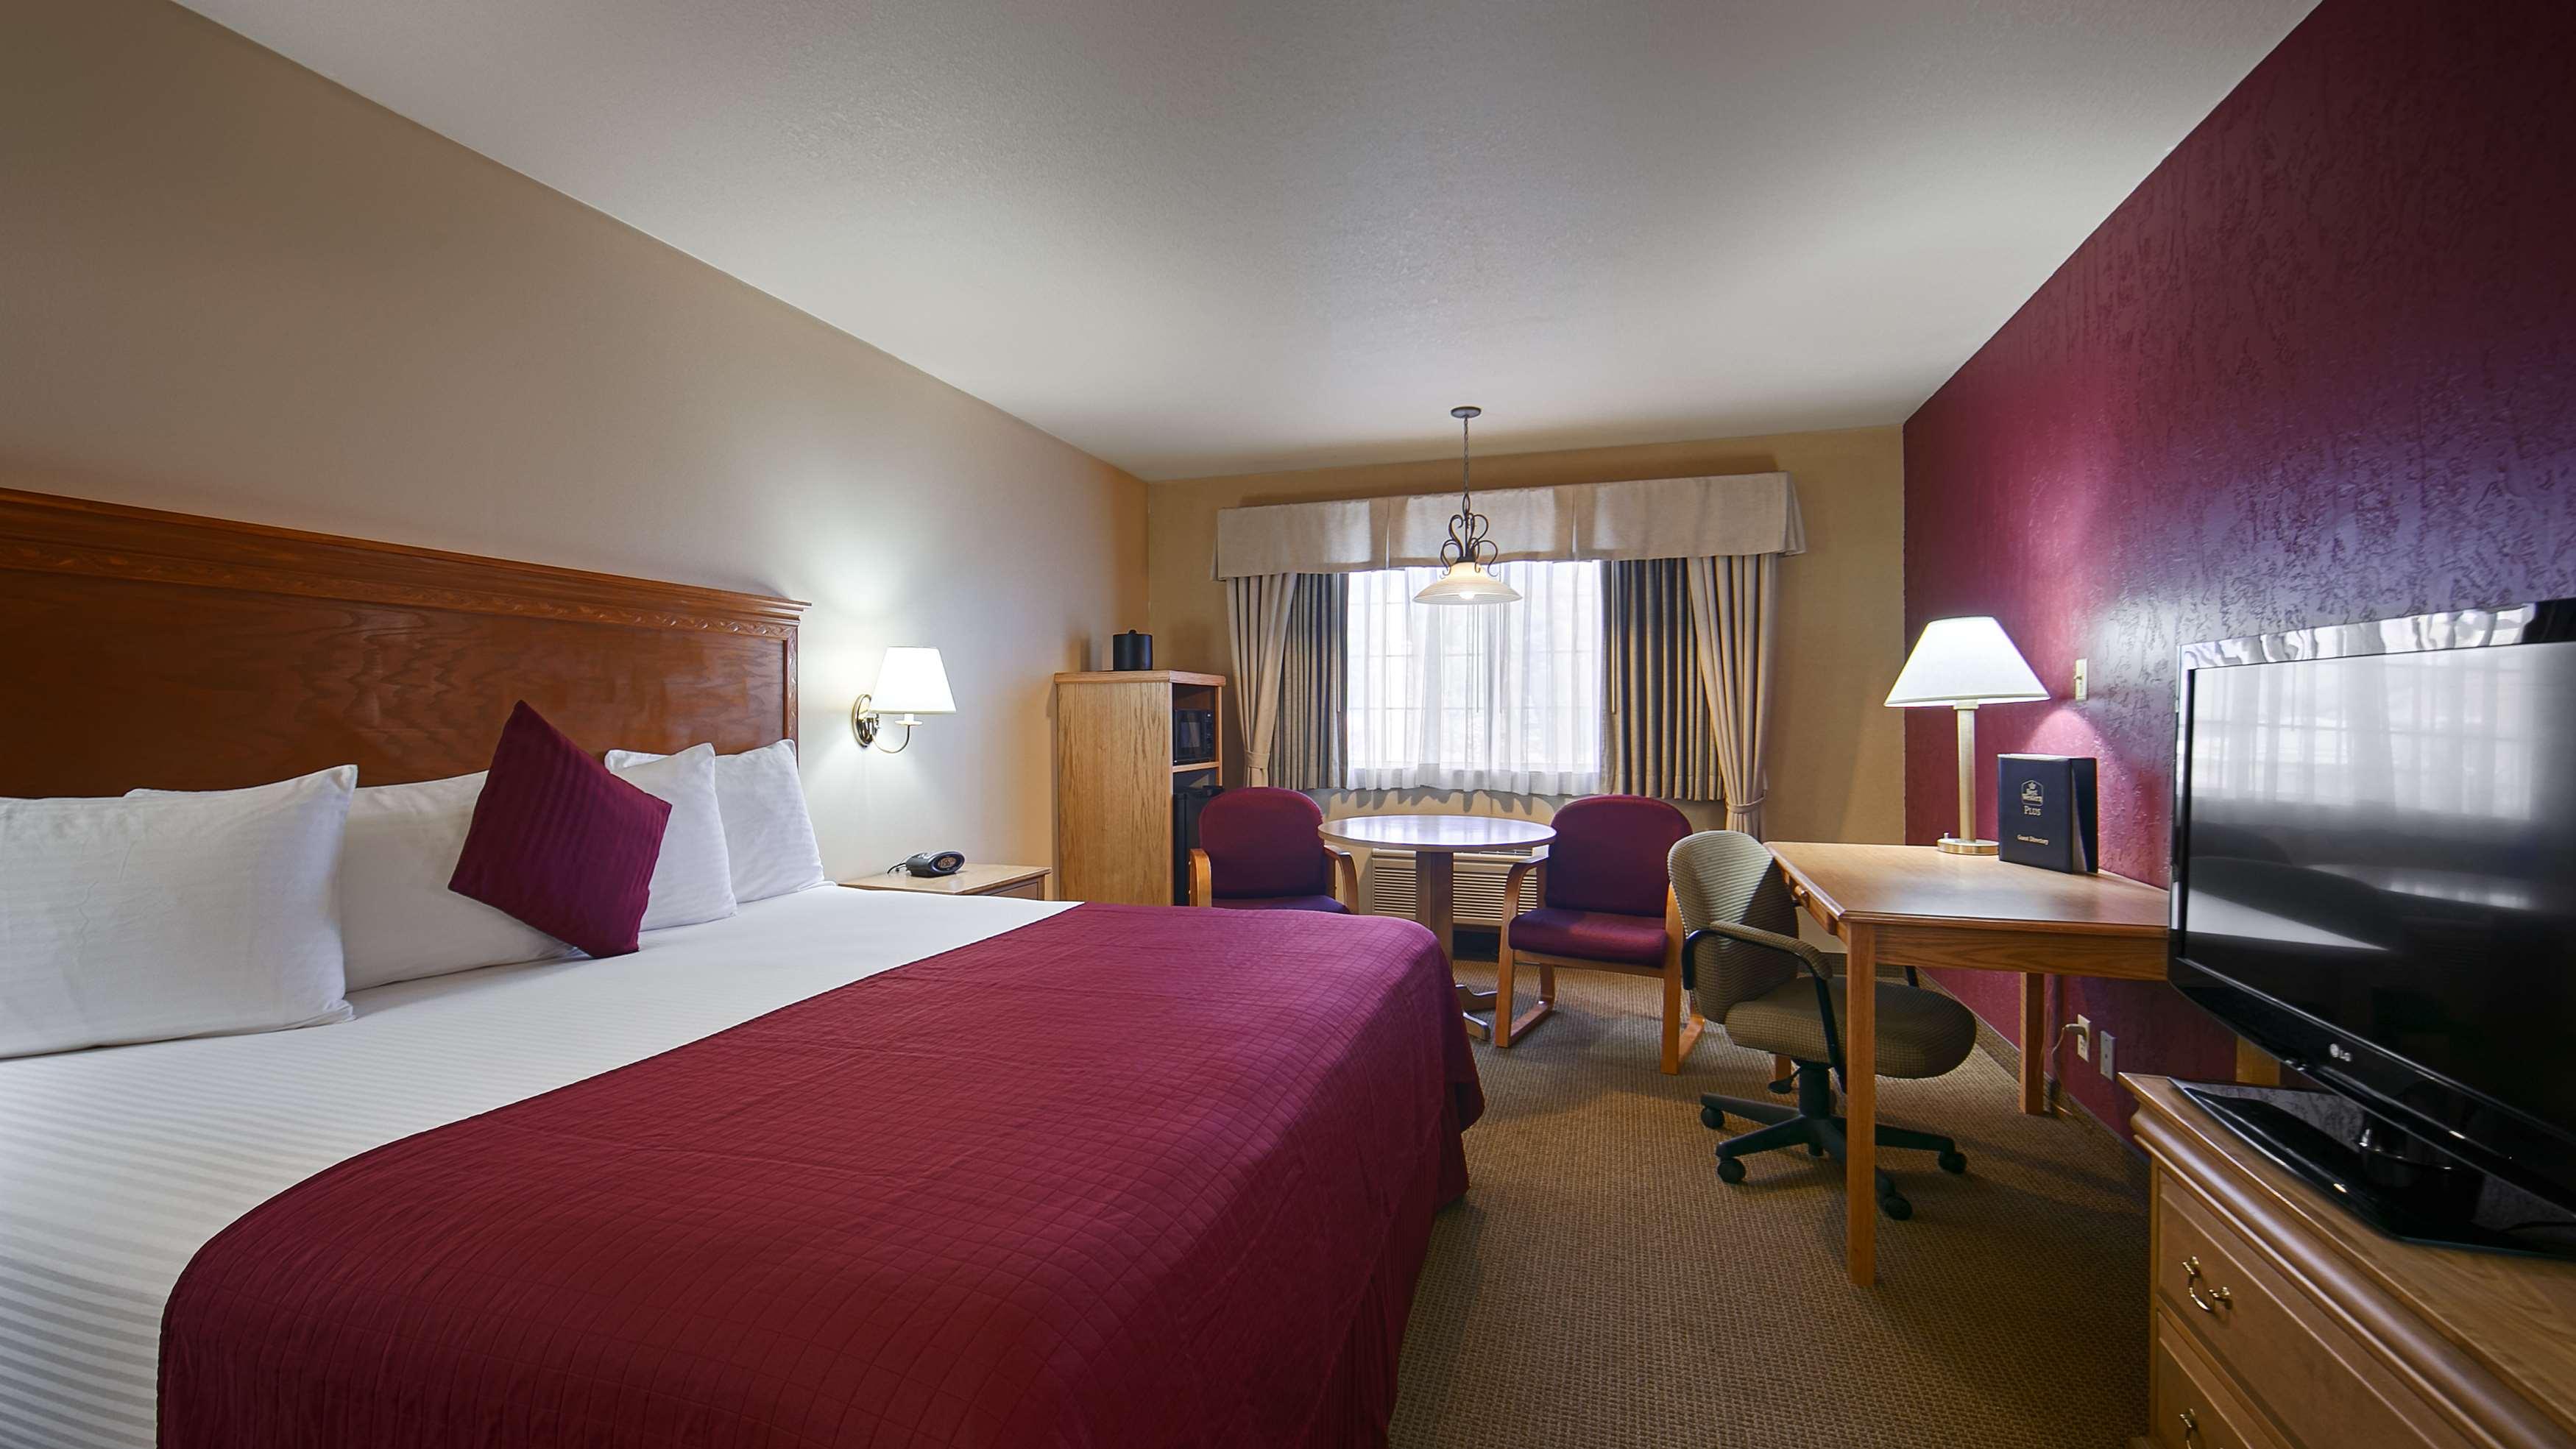 Best Western Plus Caldwell Inn & Suites image 18